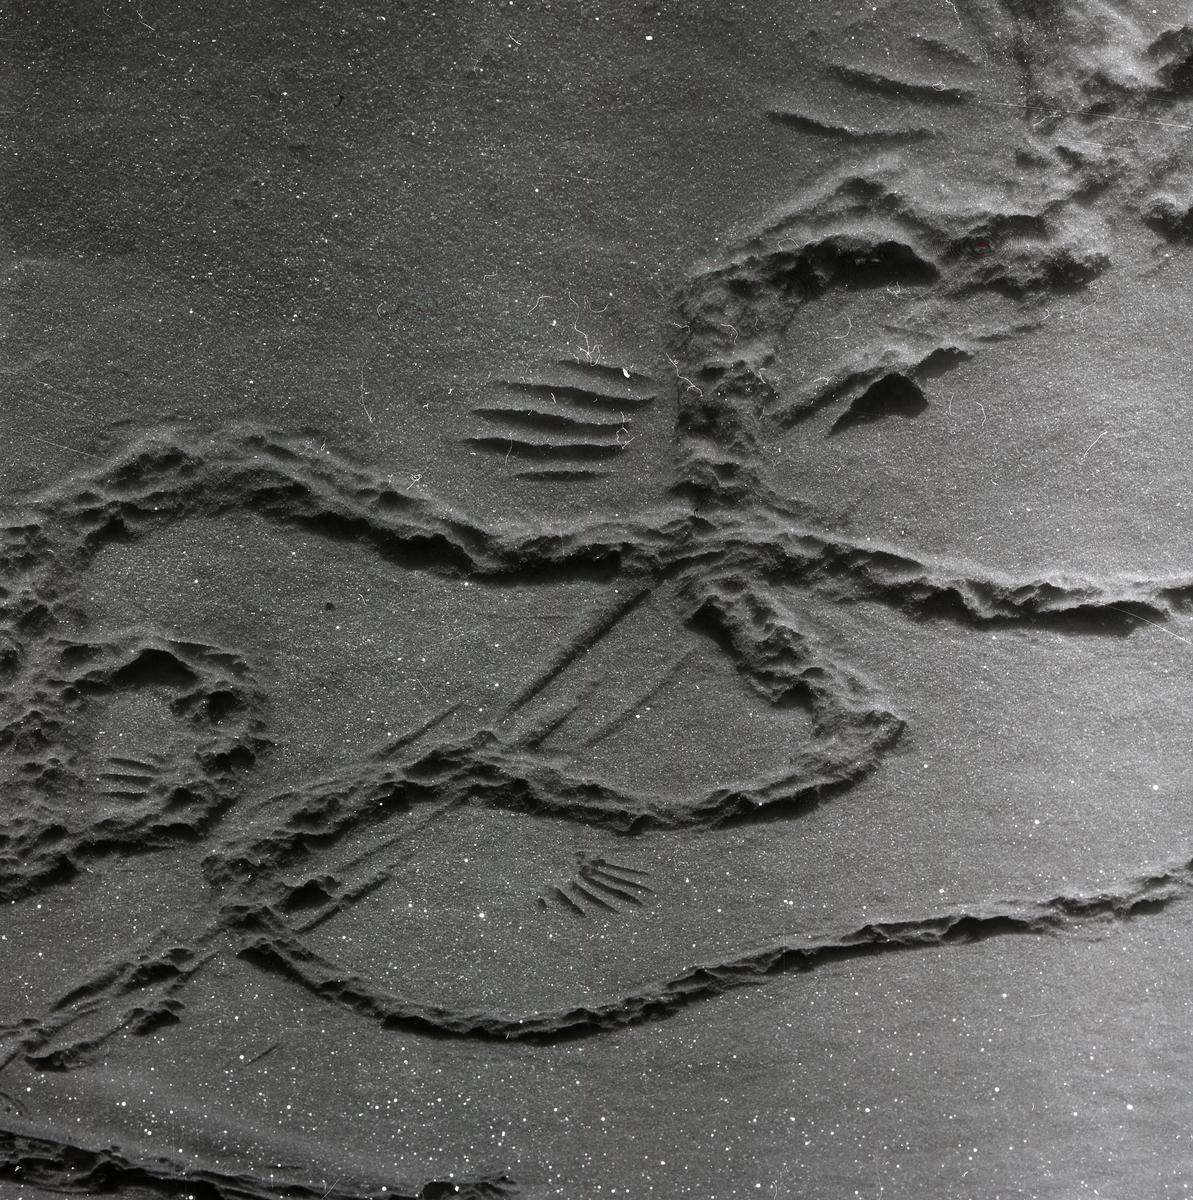 Djurspår i snön, 27 mars 1955.